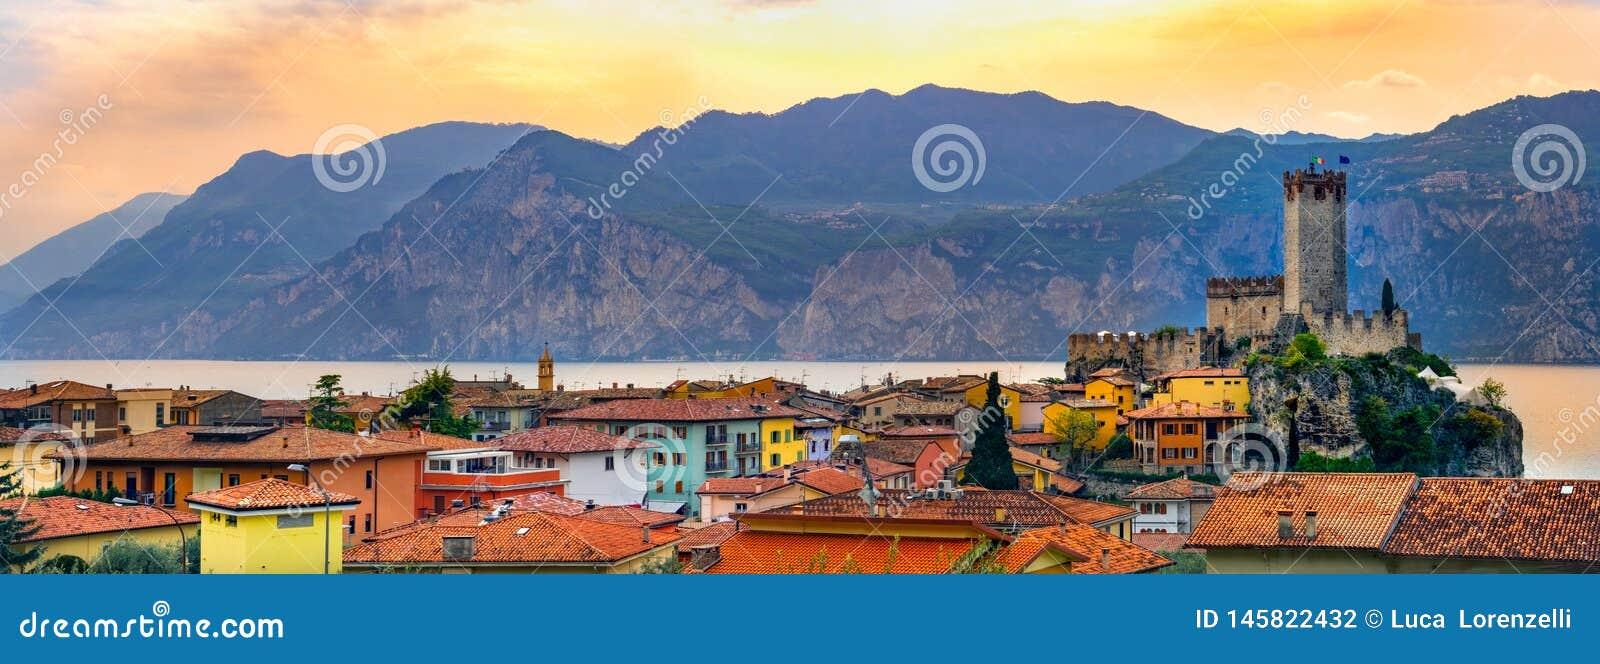 马尔切西内平安的全景镇意大利村庄地平线Garda湖江边浪漫水平的全景的和